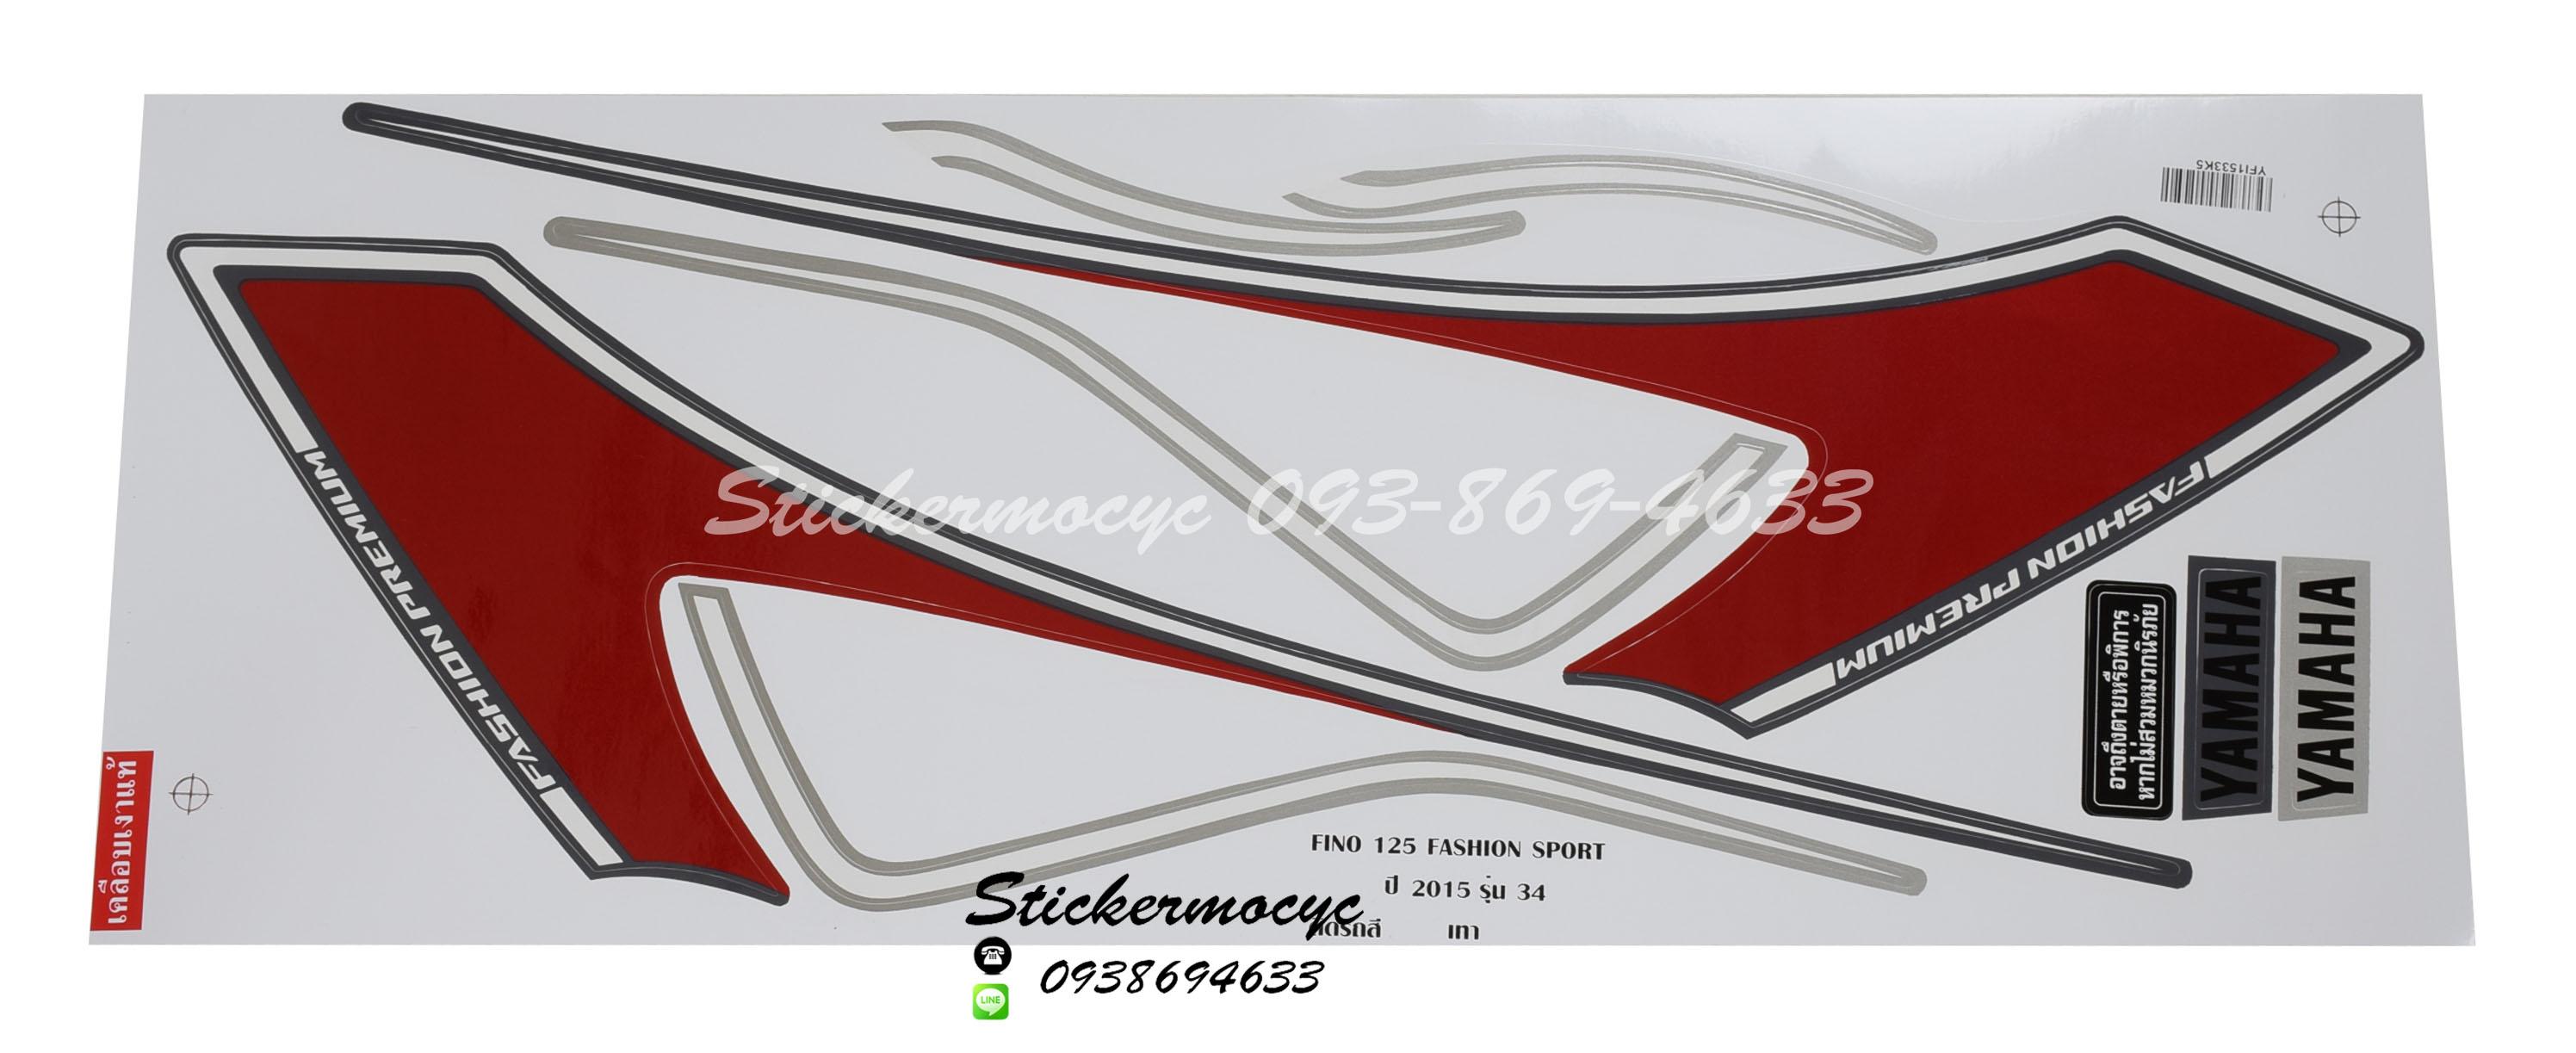 สติ๊กเกอร์ติดรถ มอเตอร์ไซค์ ยามาฮ่า ฟีโน่แต่ง Sticker Yamaha Fino แต่ง ปี 2015 รุ่น 34 Fashion Sport ติดรถ สีเทา (เคลือบเงา)